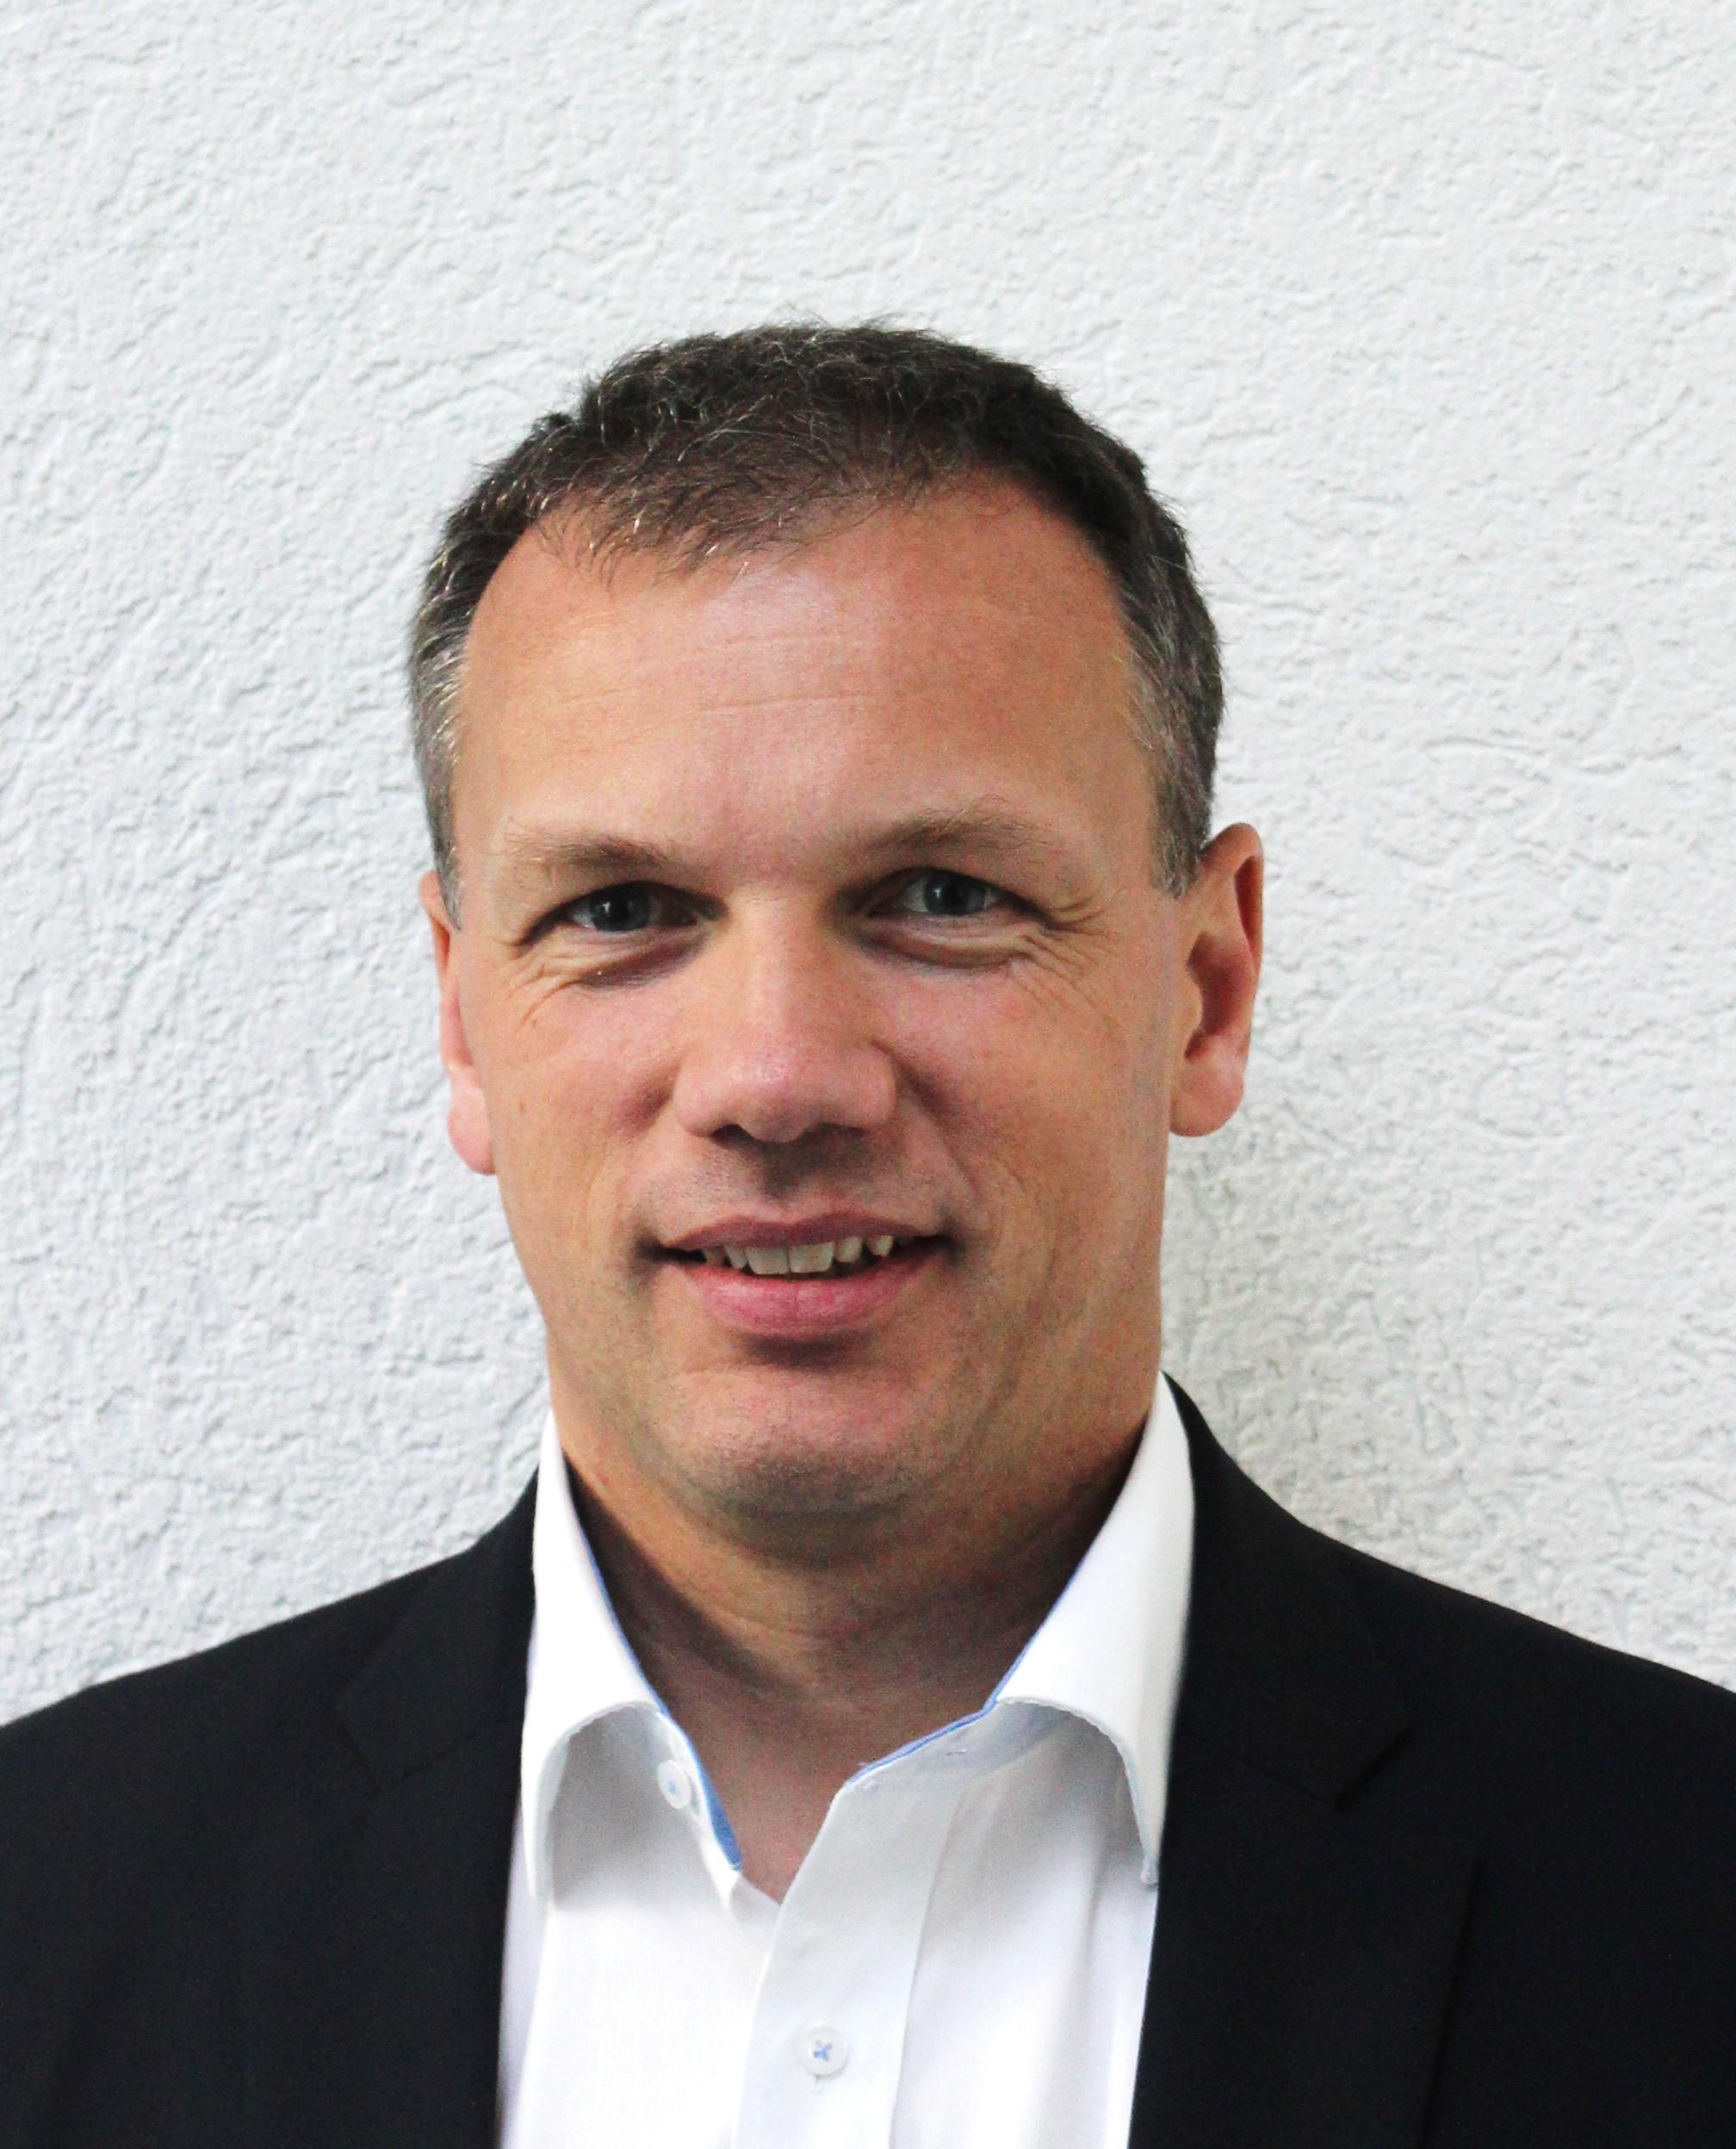 Werner Halter